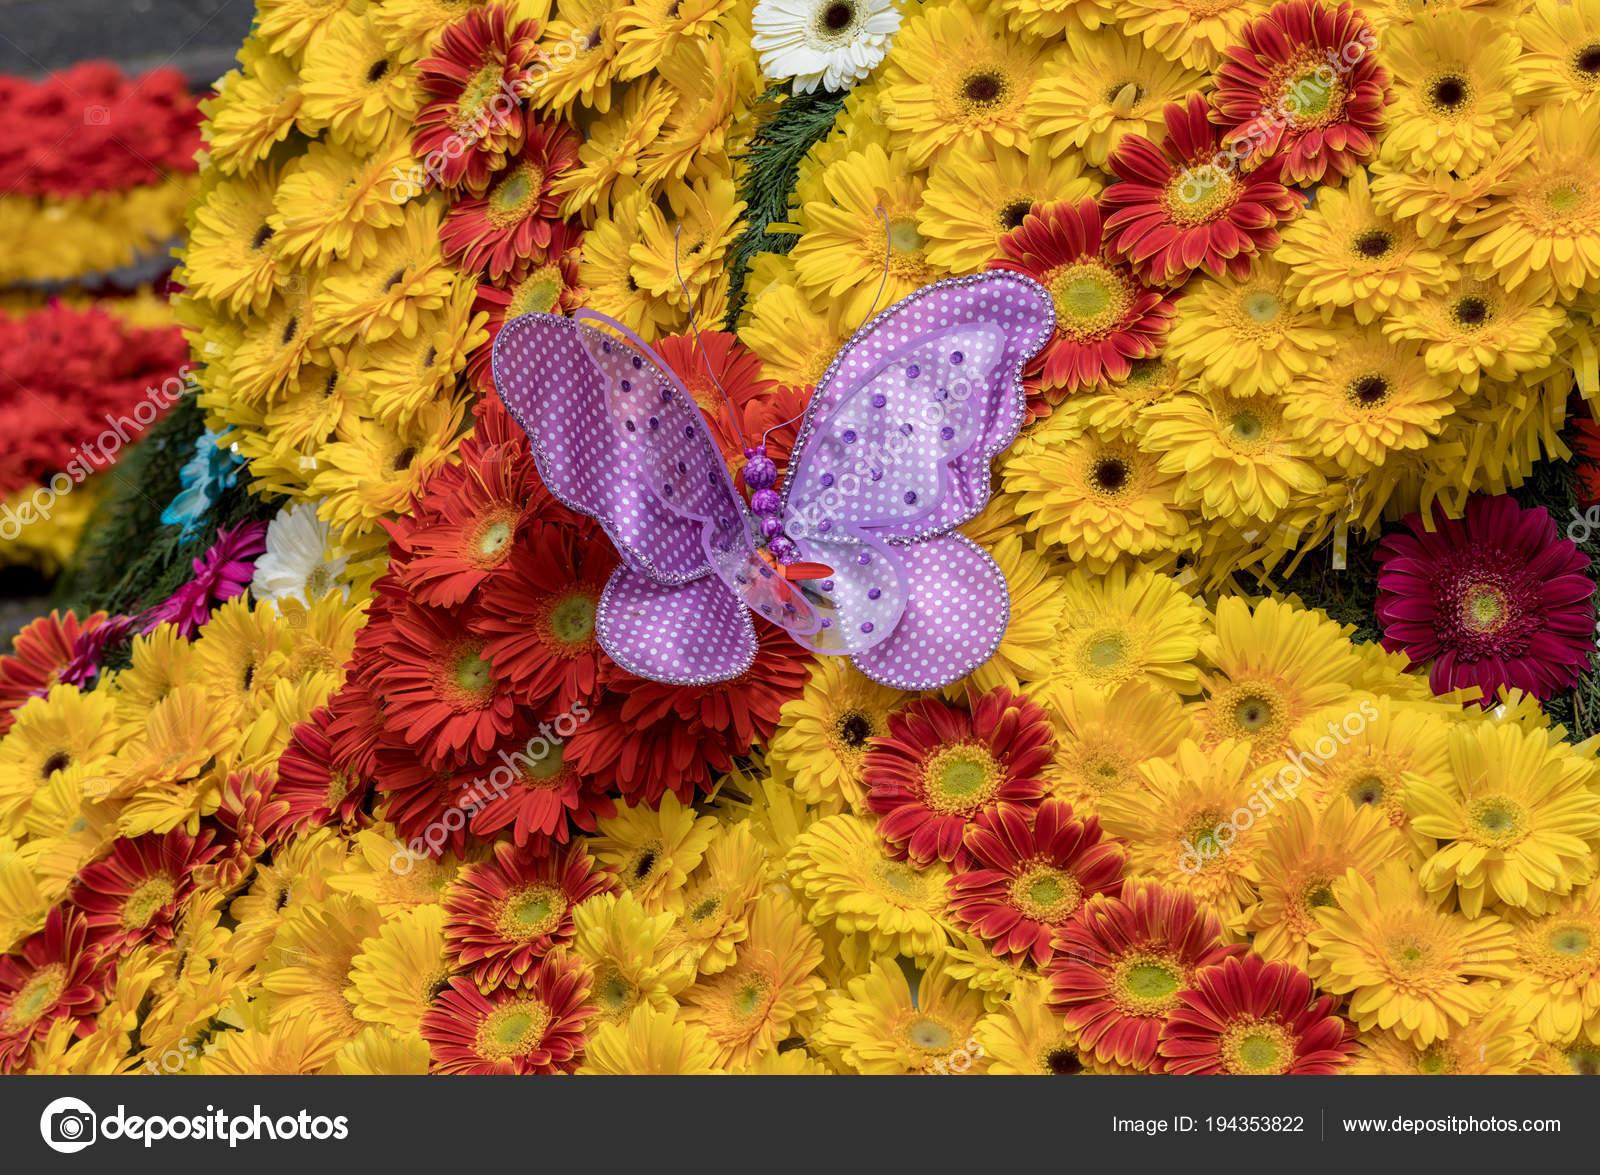 Bloemen decoratie het madeira bloemenfestival eiland for Bloemen decoratie